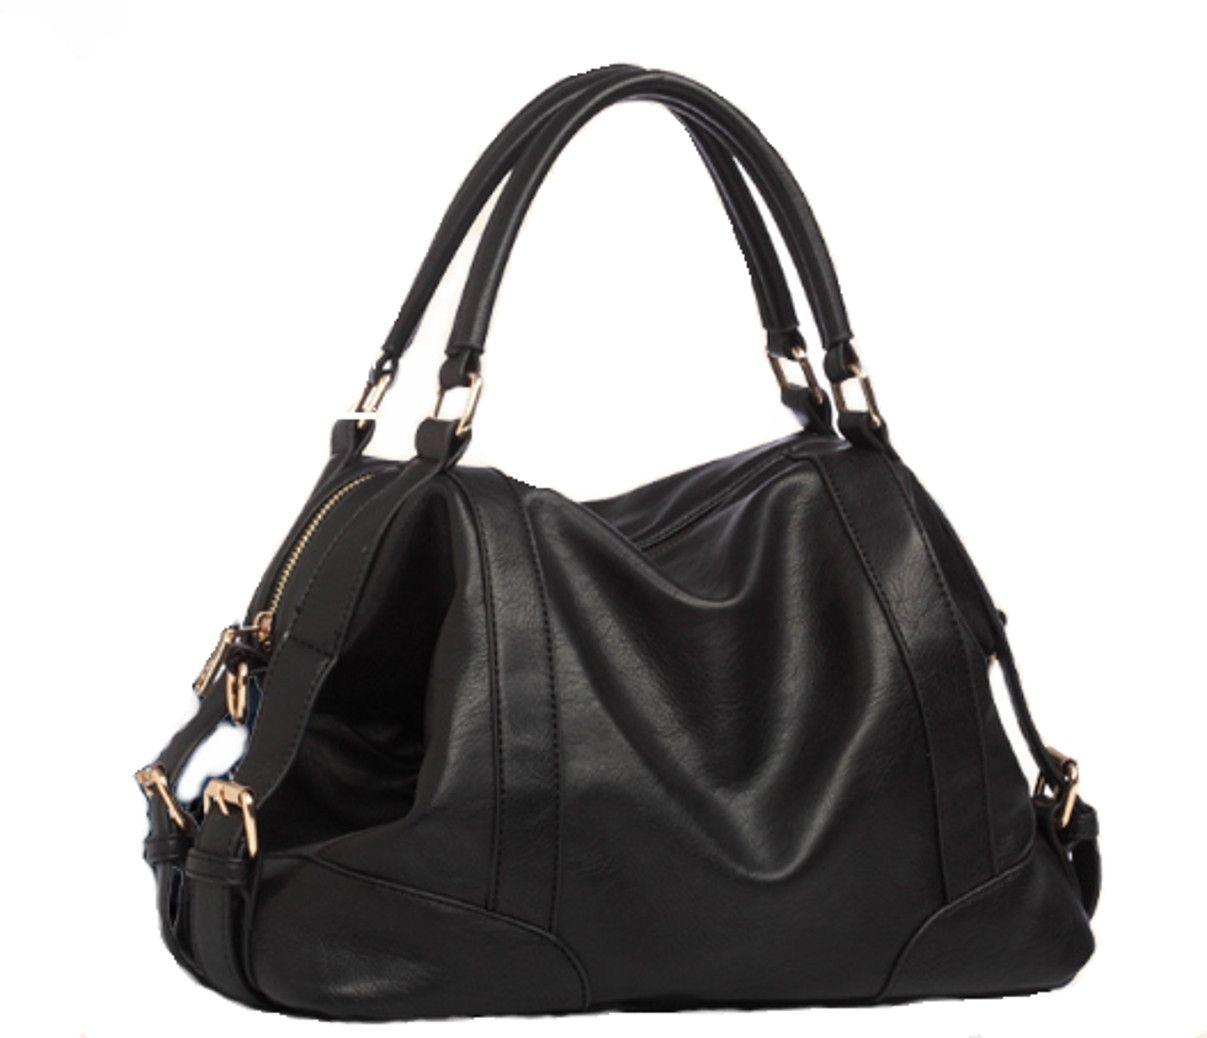 HYP Sac a Main Femme Sac Cabas Bandouliere Les épaules de la jeune fille élégante trousse sac de voyage en nylon, noir